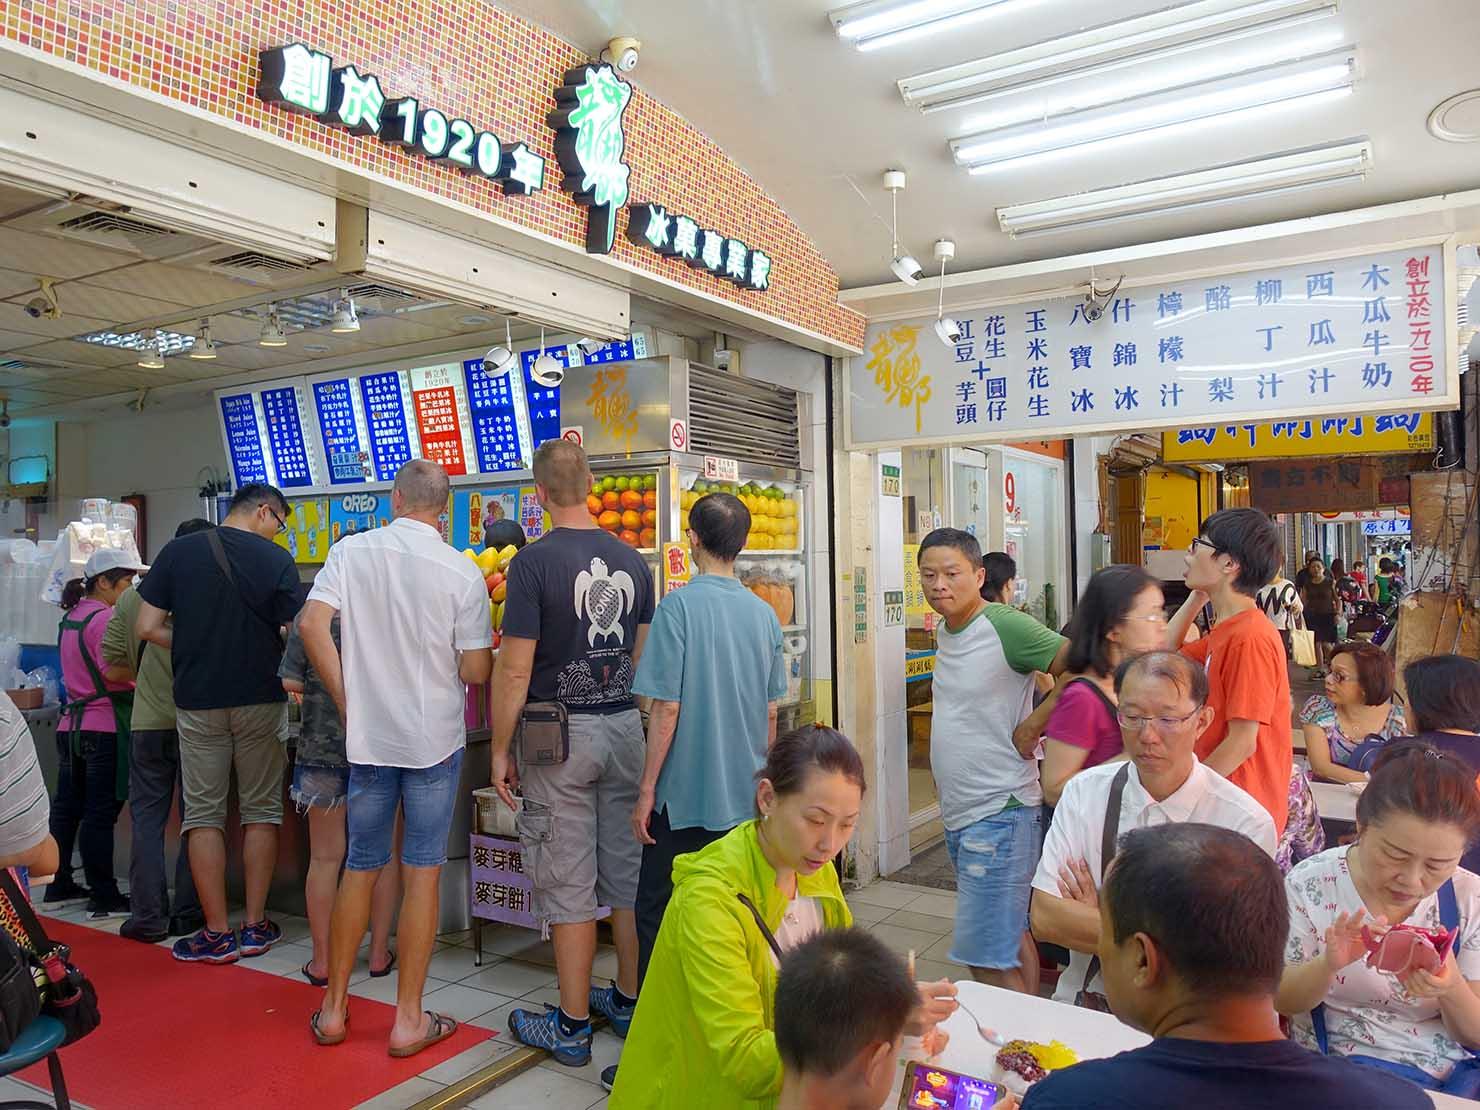 台北・龍山寺エリアのおすすめグルメ店「龍都冰菓專業家」にできる行列